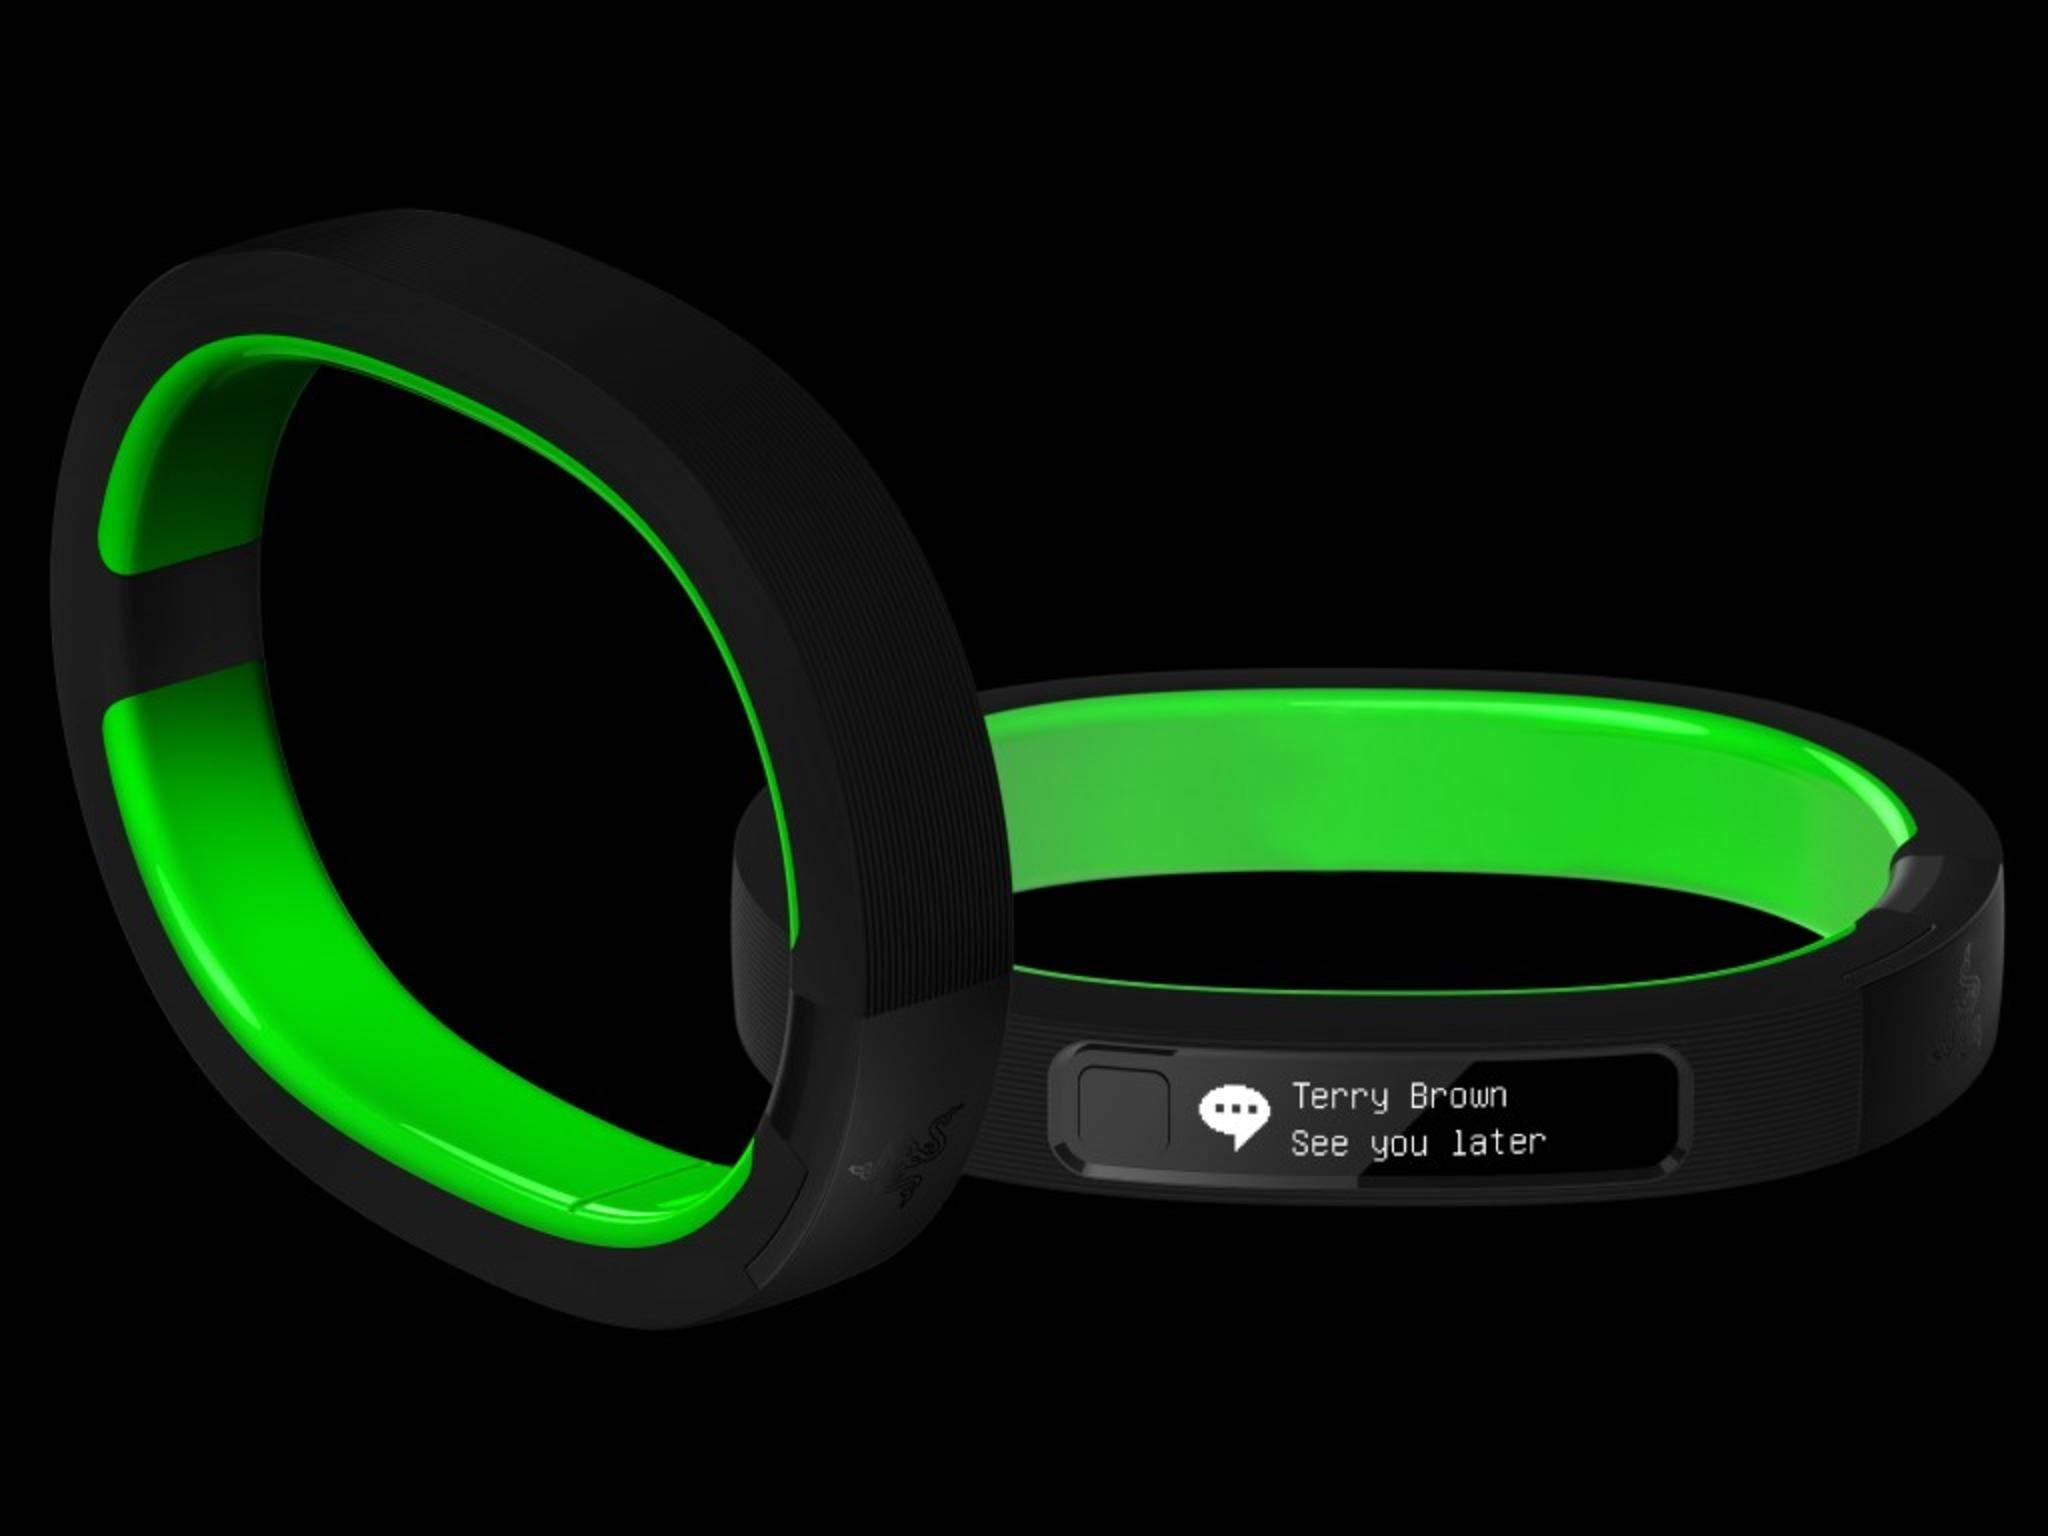 Das Smartband Razer Nabu ist mit einem LED-Display ausgestattet.